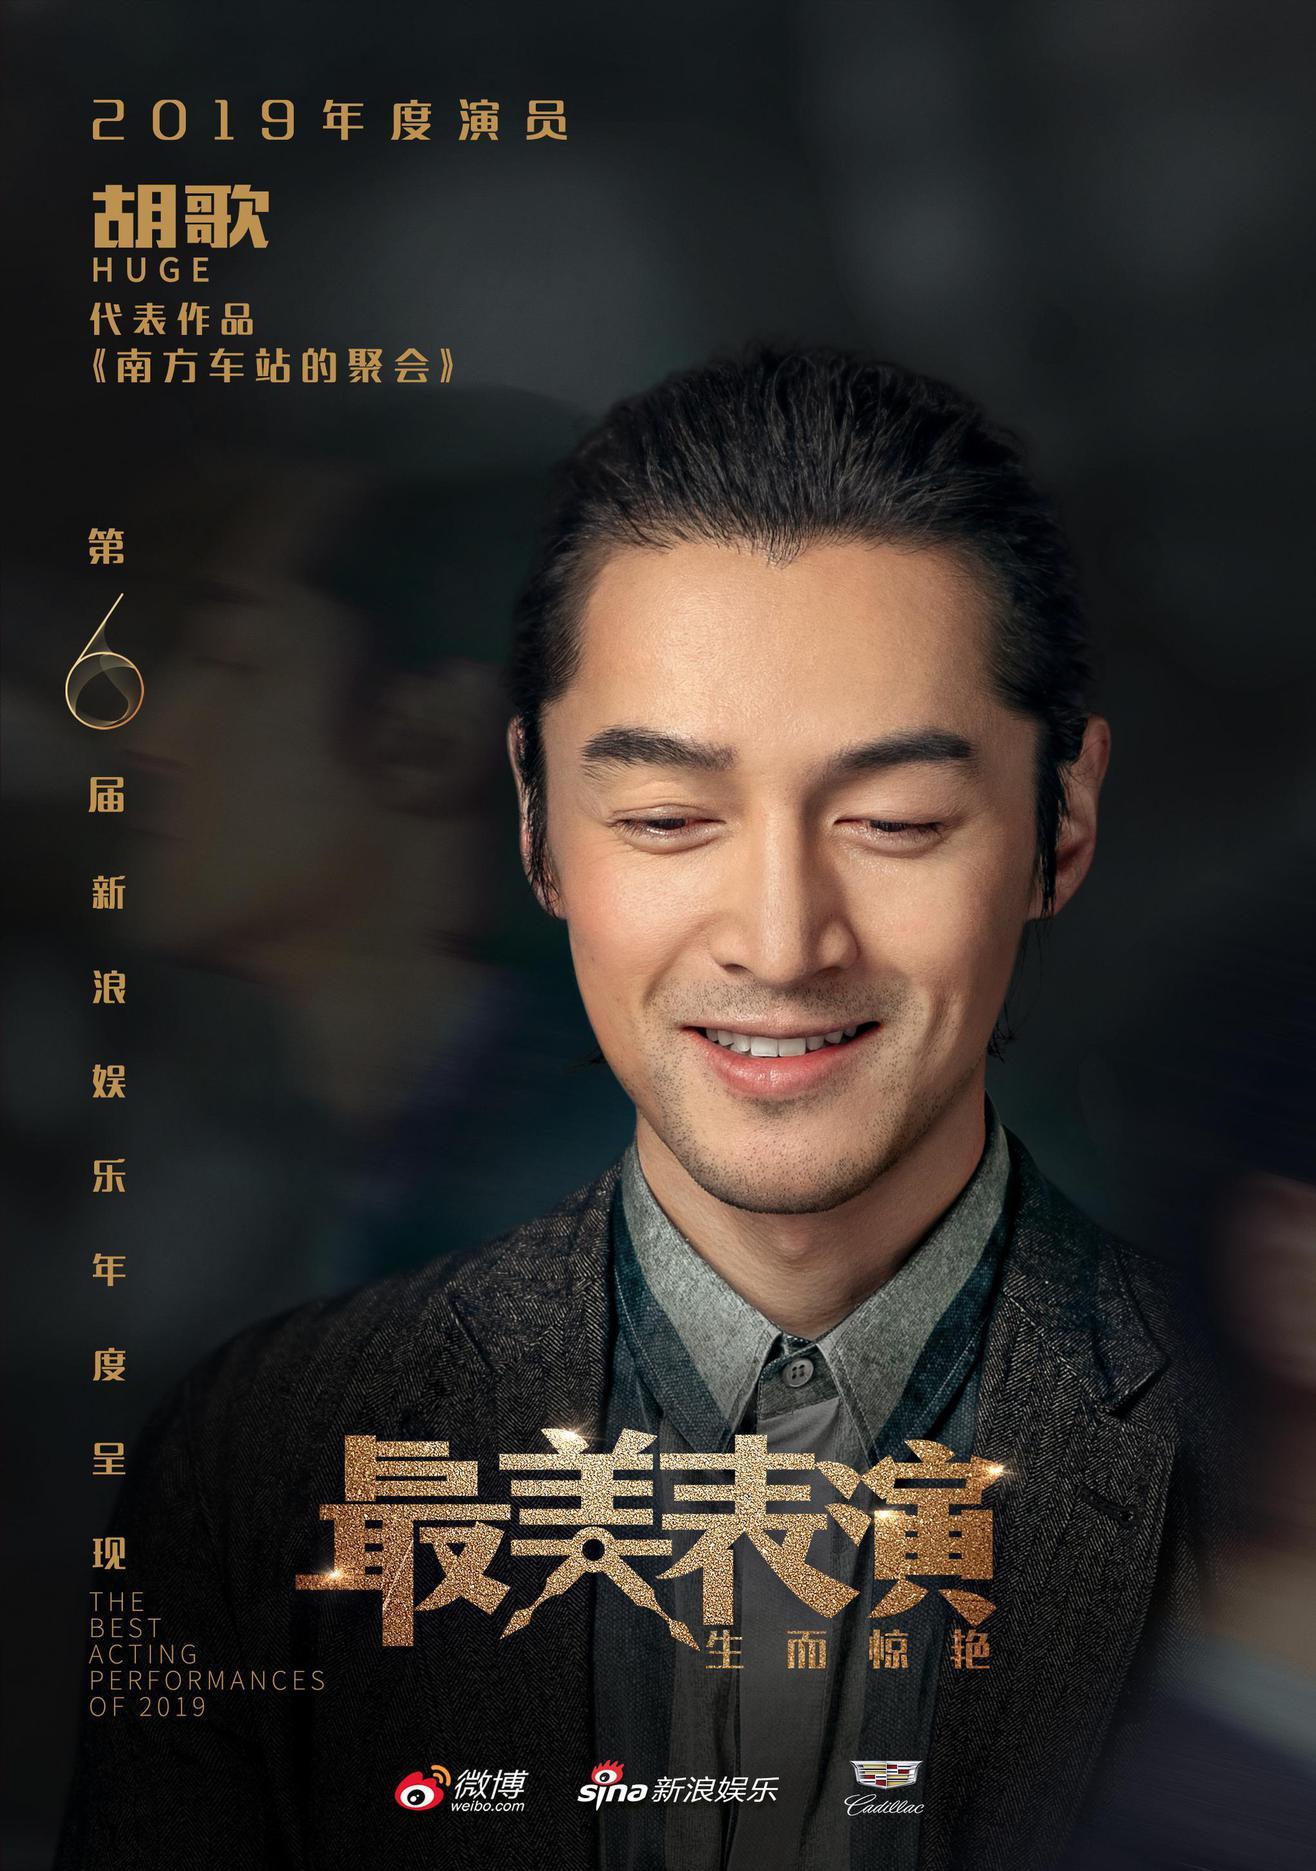 2019最美表演-胡歌